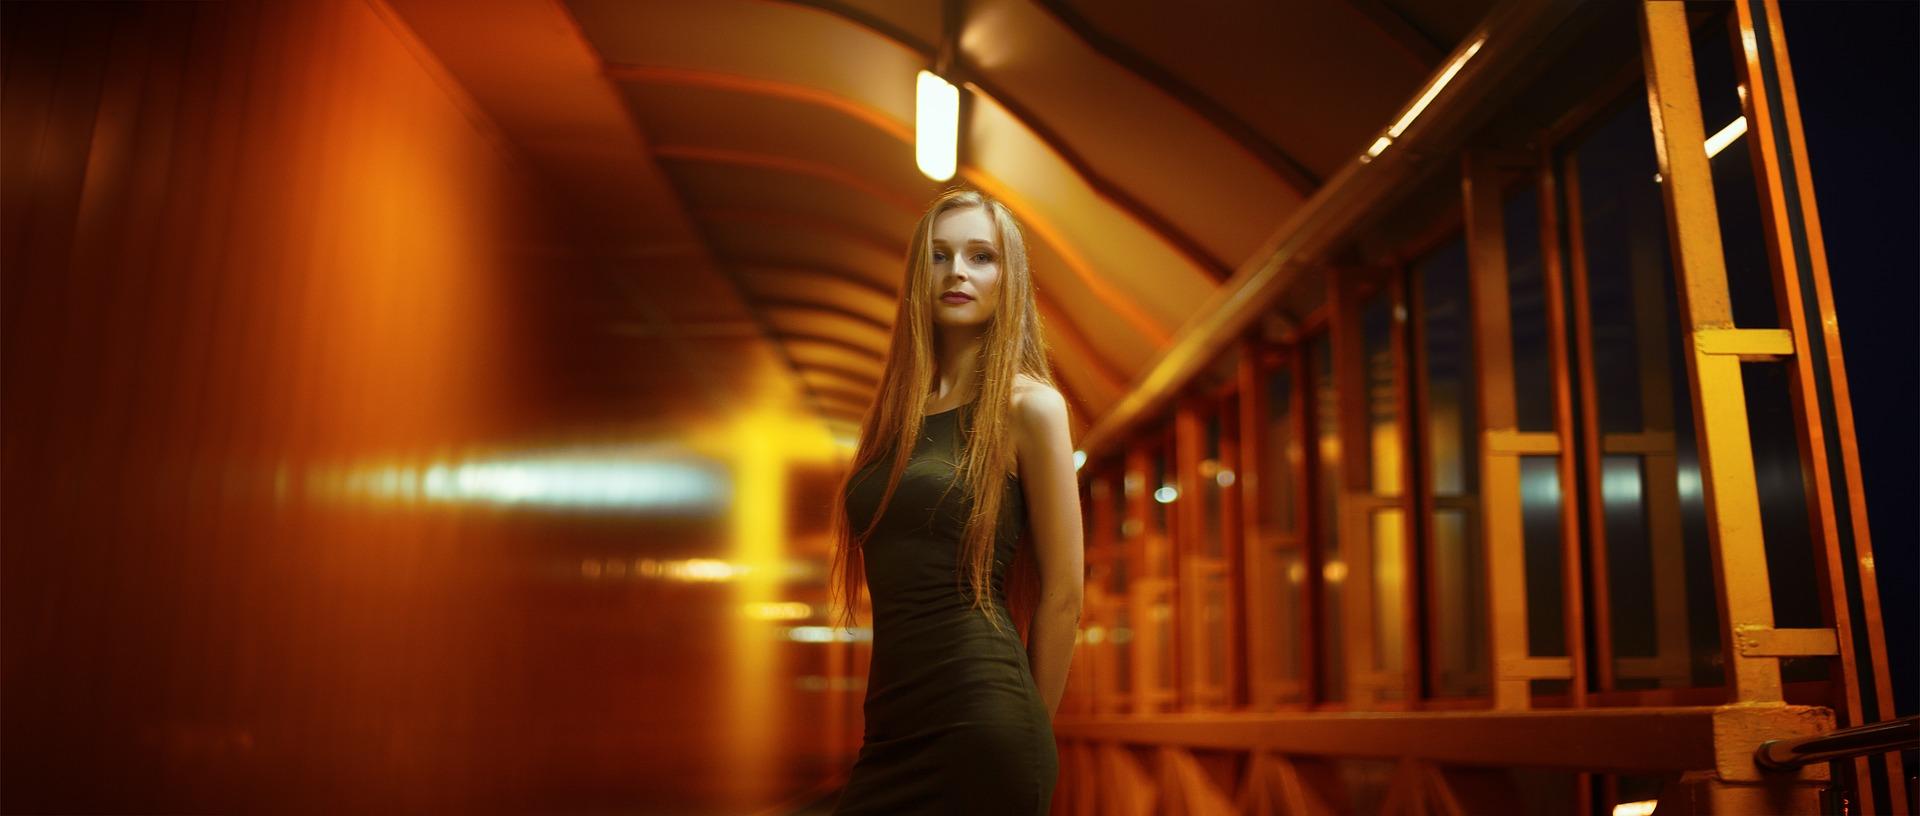 Работа для девушек на апартаментах в Москве